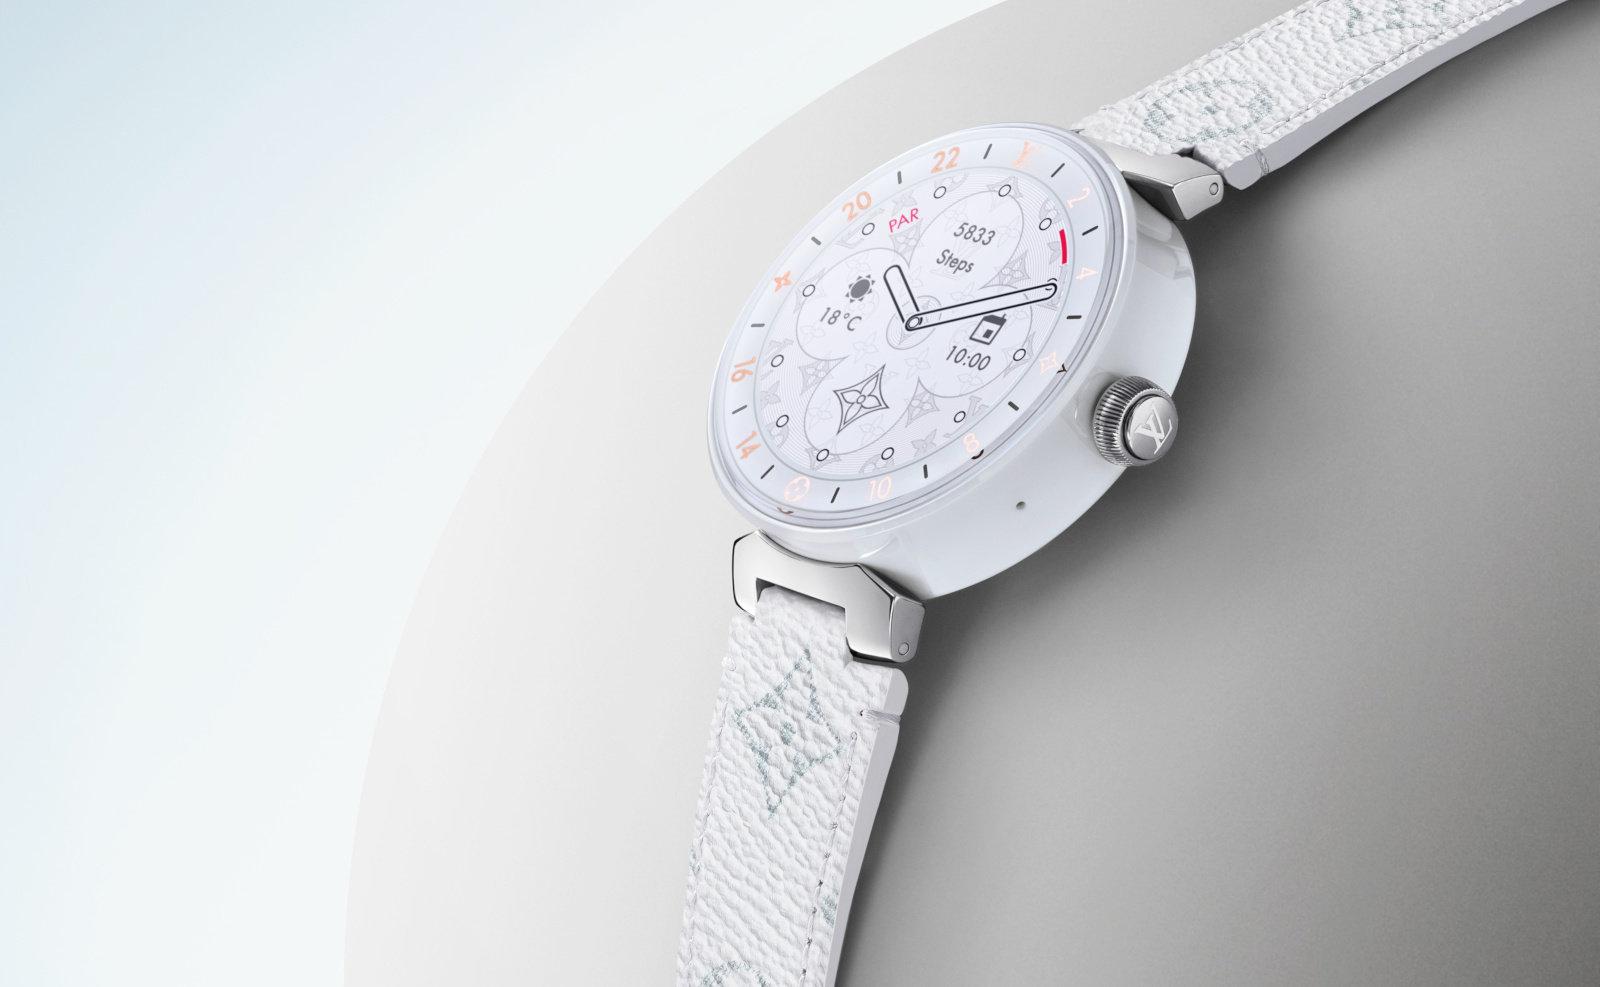 d4f90b4d4 Hoy en día casi todas las marcas de lujo tienen su propio reloj Wear OS, y Louis  Vuitton es una de ellas. Según Engadget, la marca ha actualizado su reloj  ...